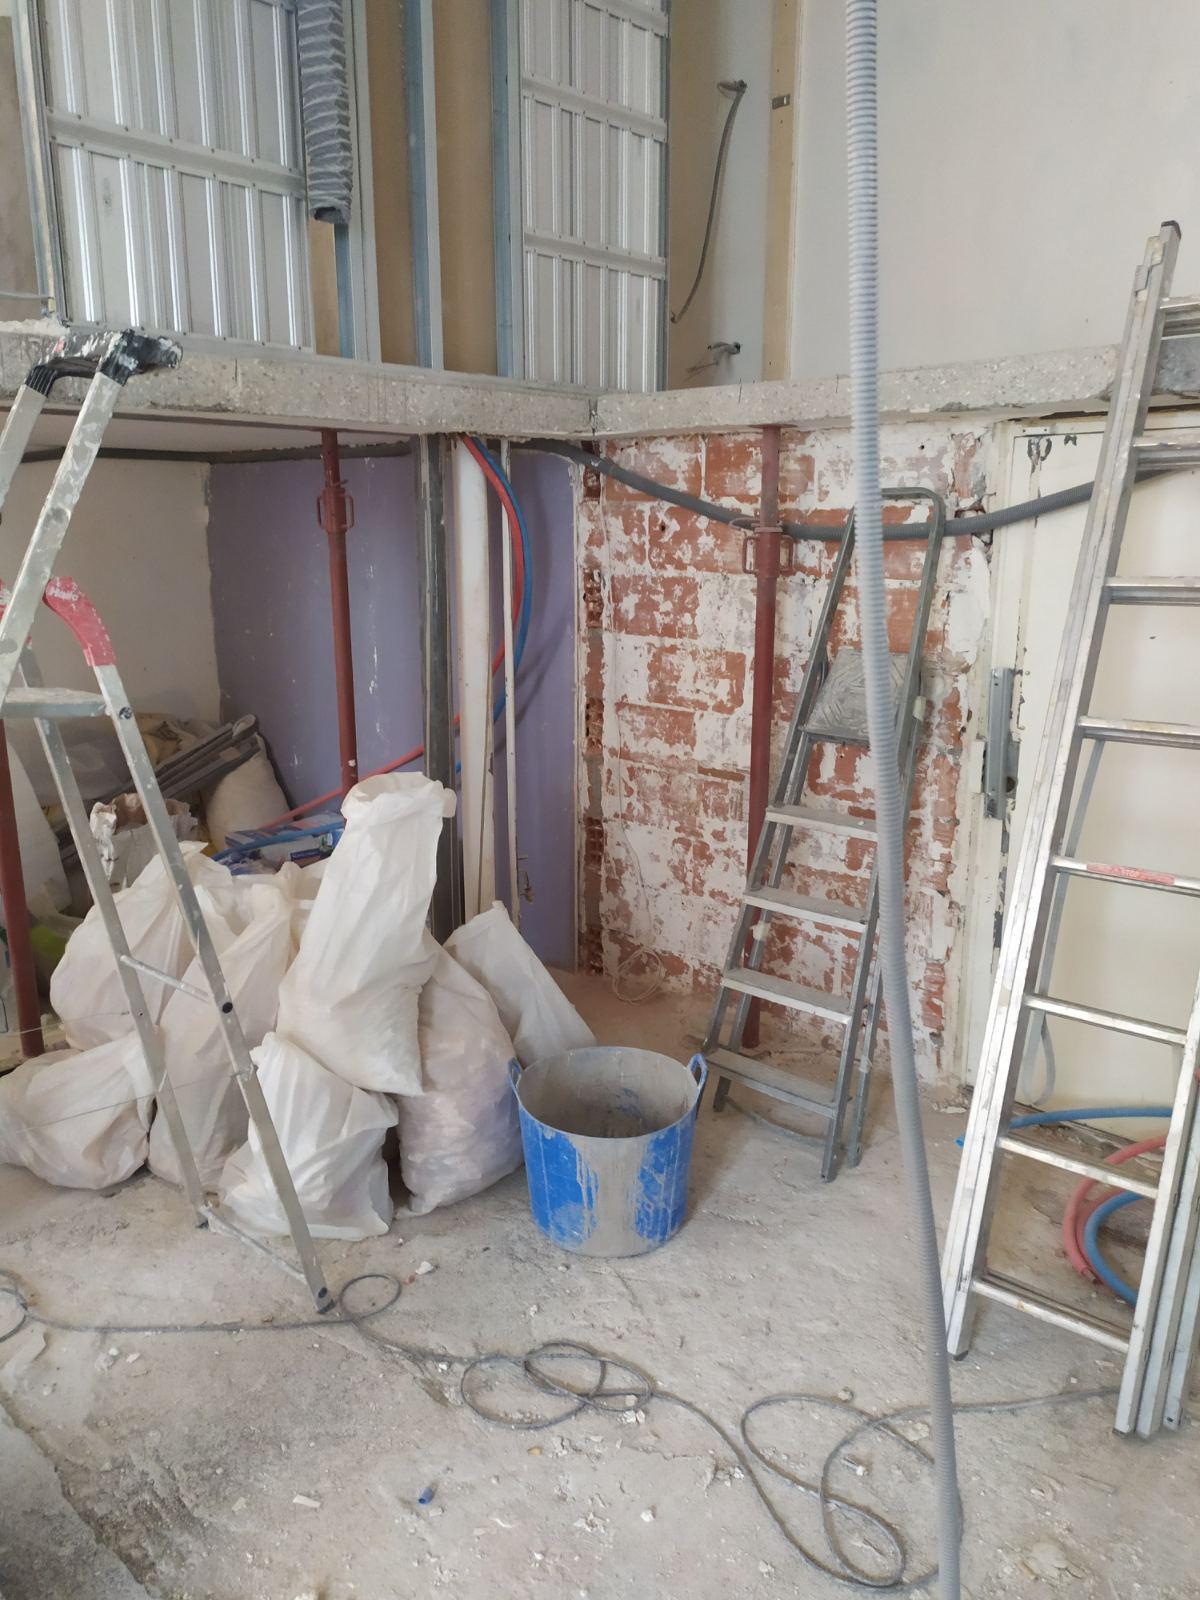 Réalisation de mezzanine sur mesure à Champigny-sur-Marne. Création de plancher collaborant. - Plancher collaborant